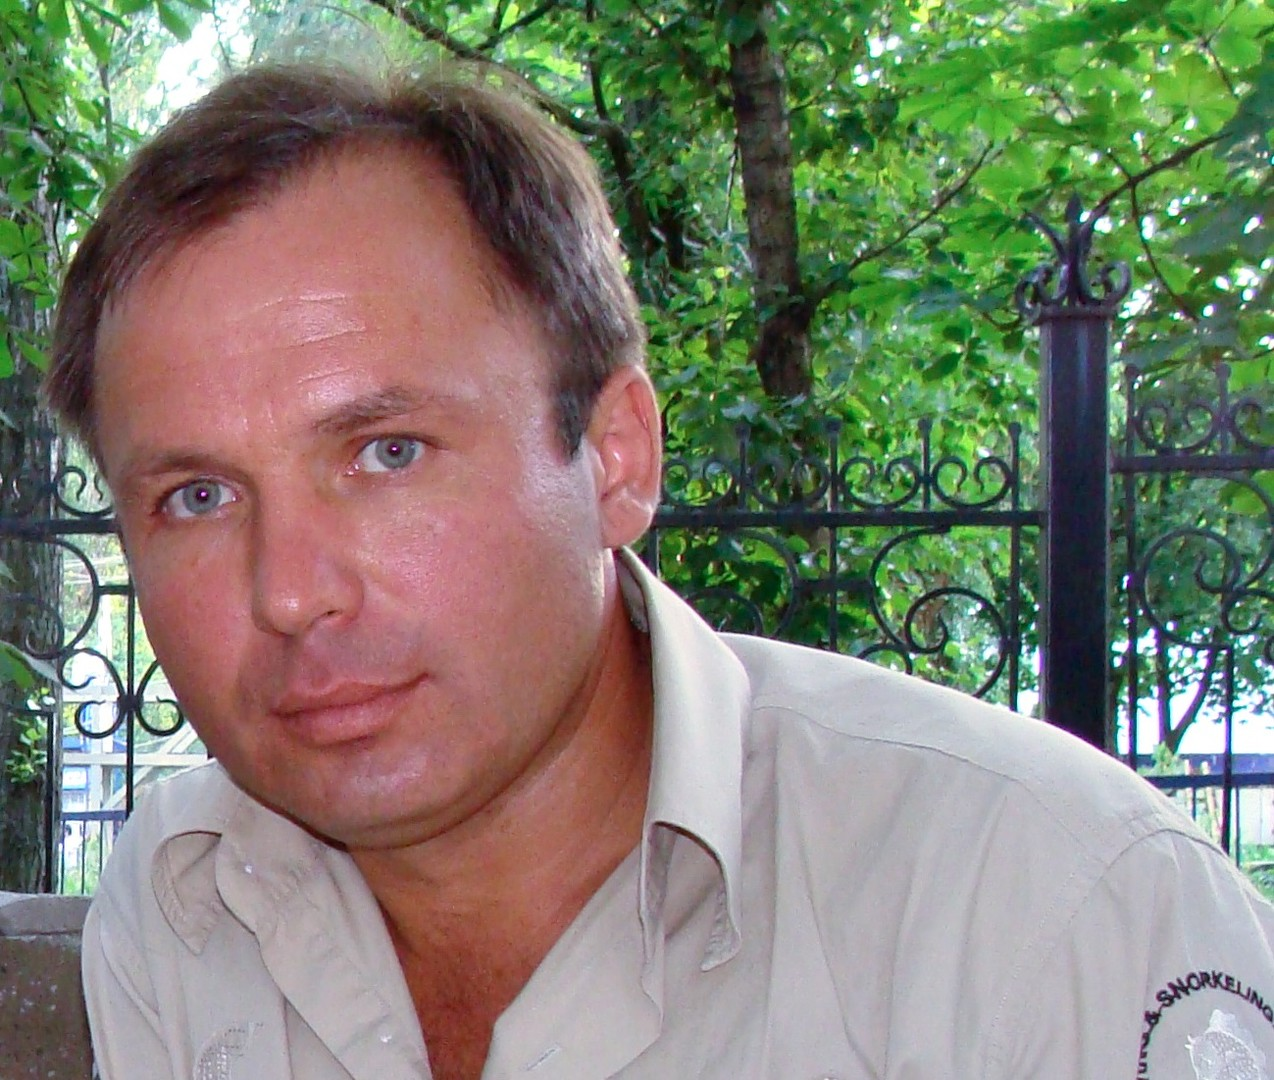 Moskau schlägt USA Austausch des russischen Piloten Jaroschenko gegen verurteilte US-Bürger vor